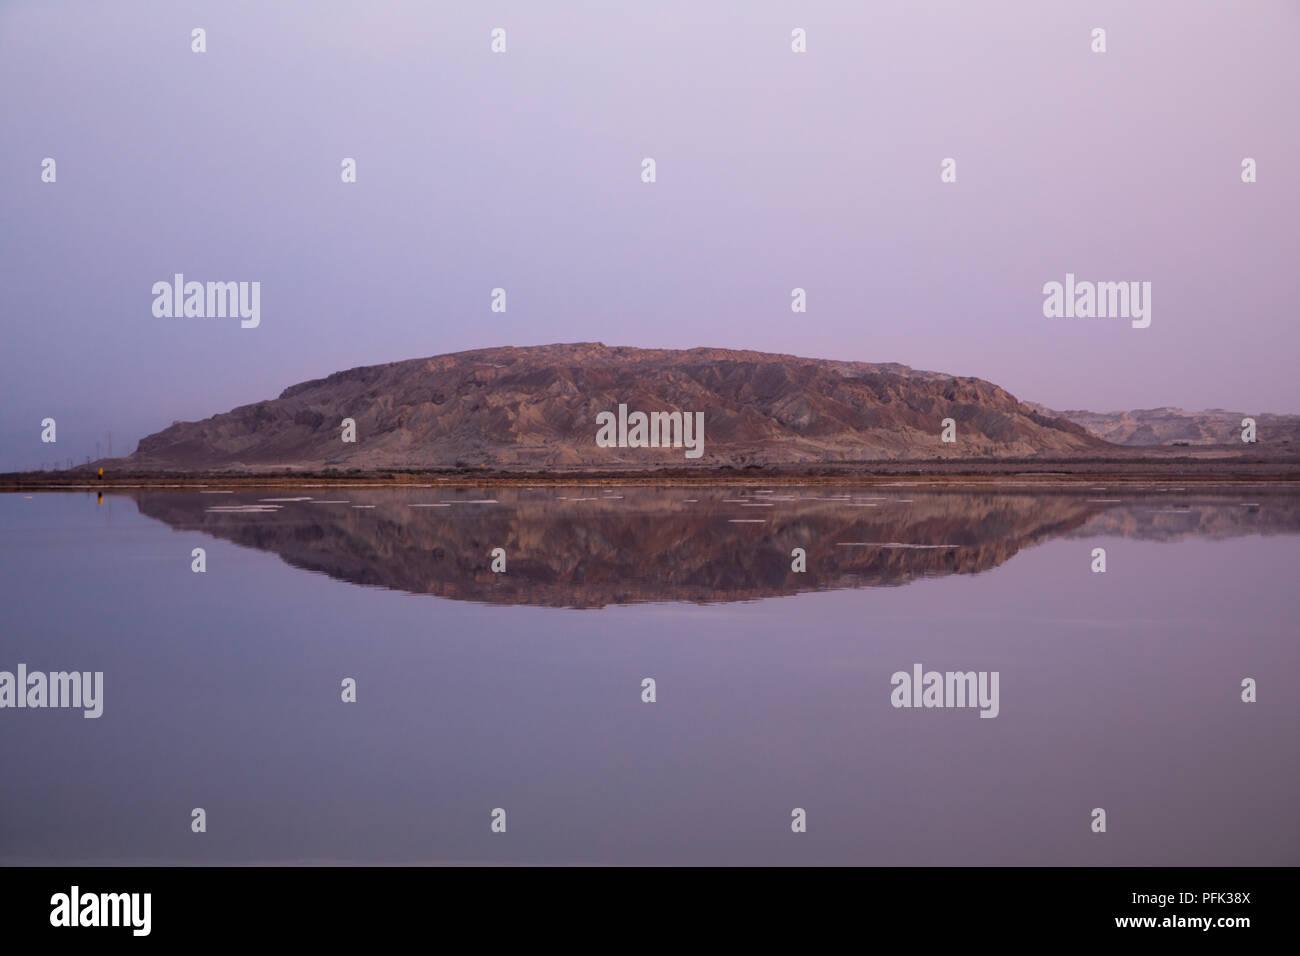 Gros rocher émergeant de la Mer Morte, au cours d'une réflexion calme crépuscule Rose, Ein Bokek, Israel Photo Stock